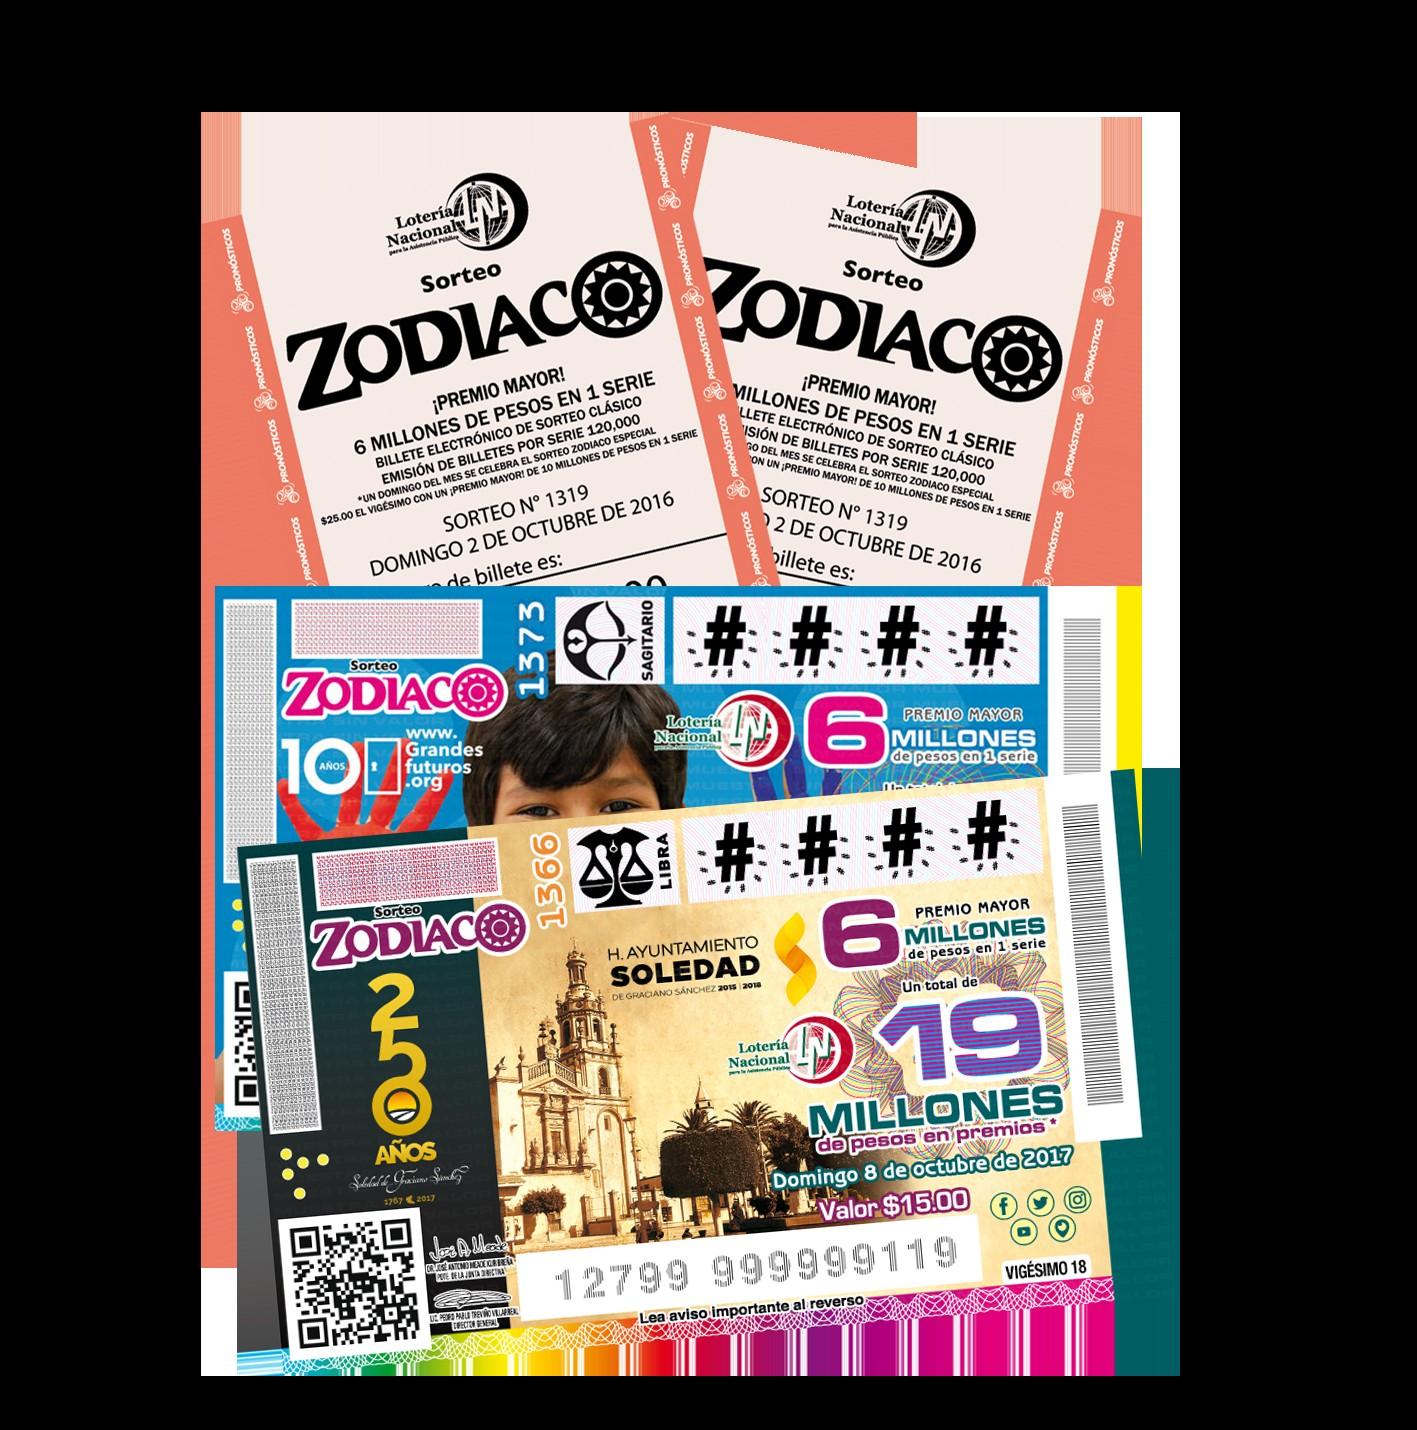 Calendario Lunar Zodiaco 2019 Recientes Calendario De sorteos De Loteria Nacional Of Calendario Lunar Zodiaco 2019 Más Recientes V 2019 02 13 S